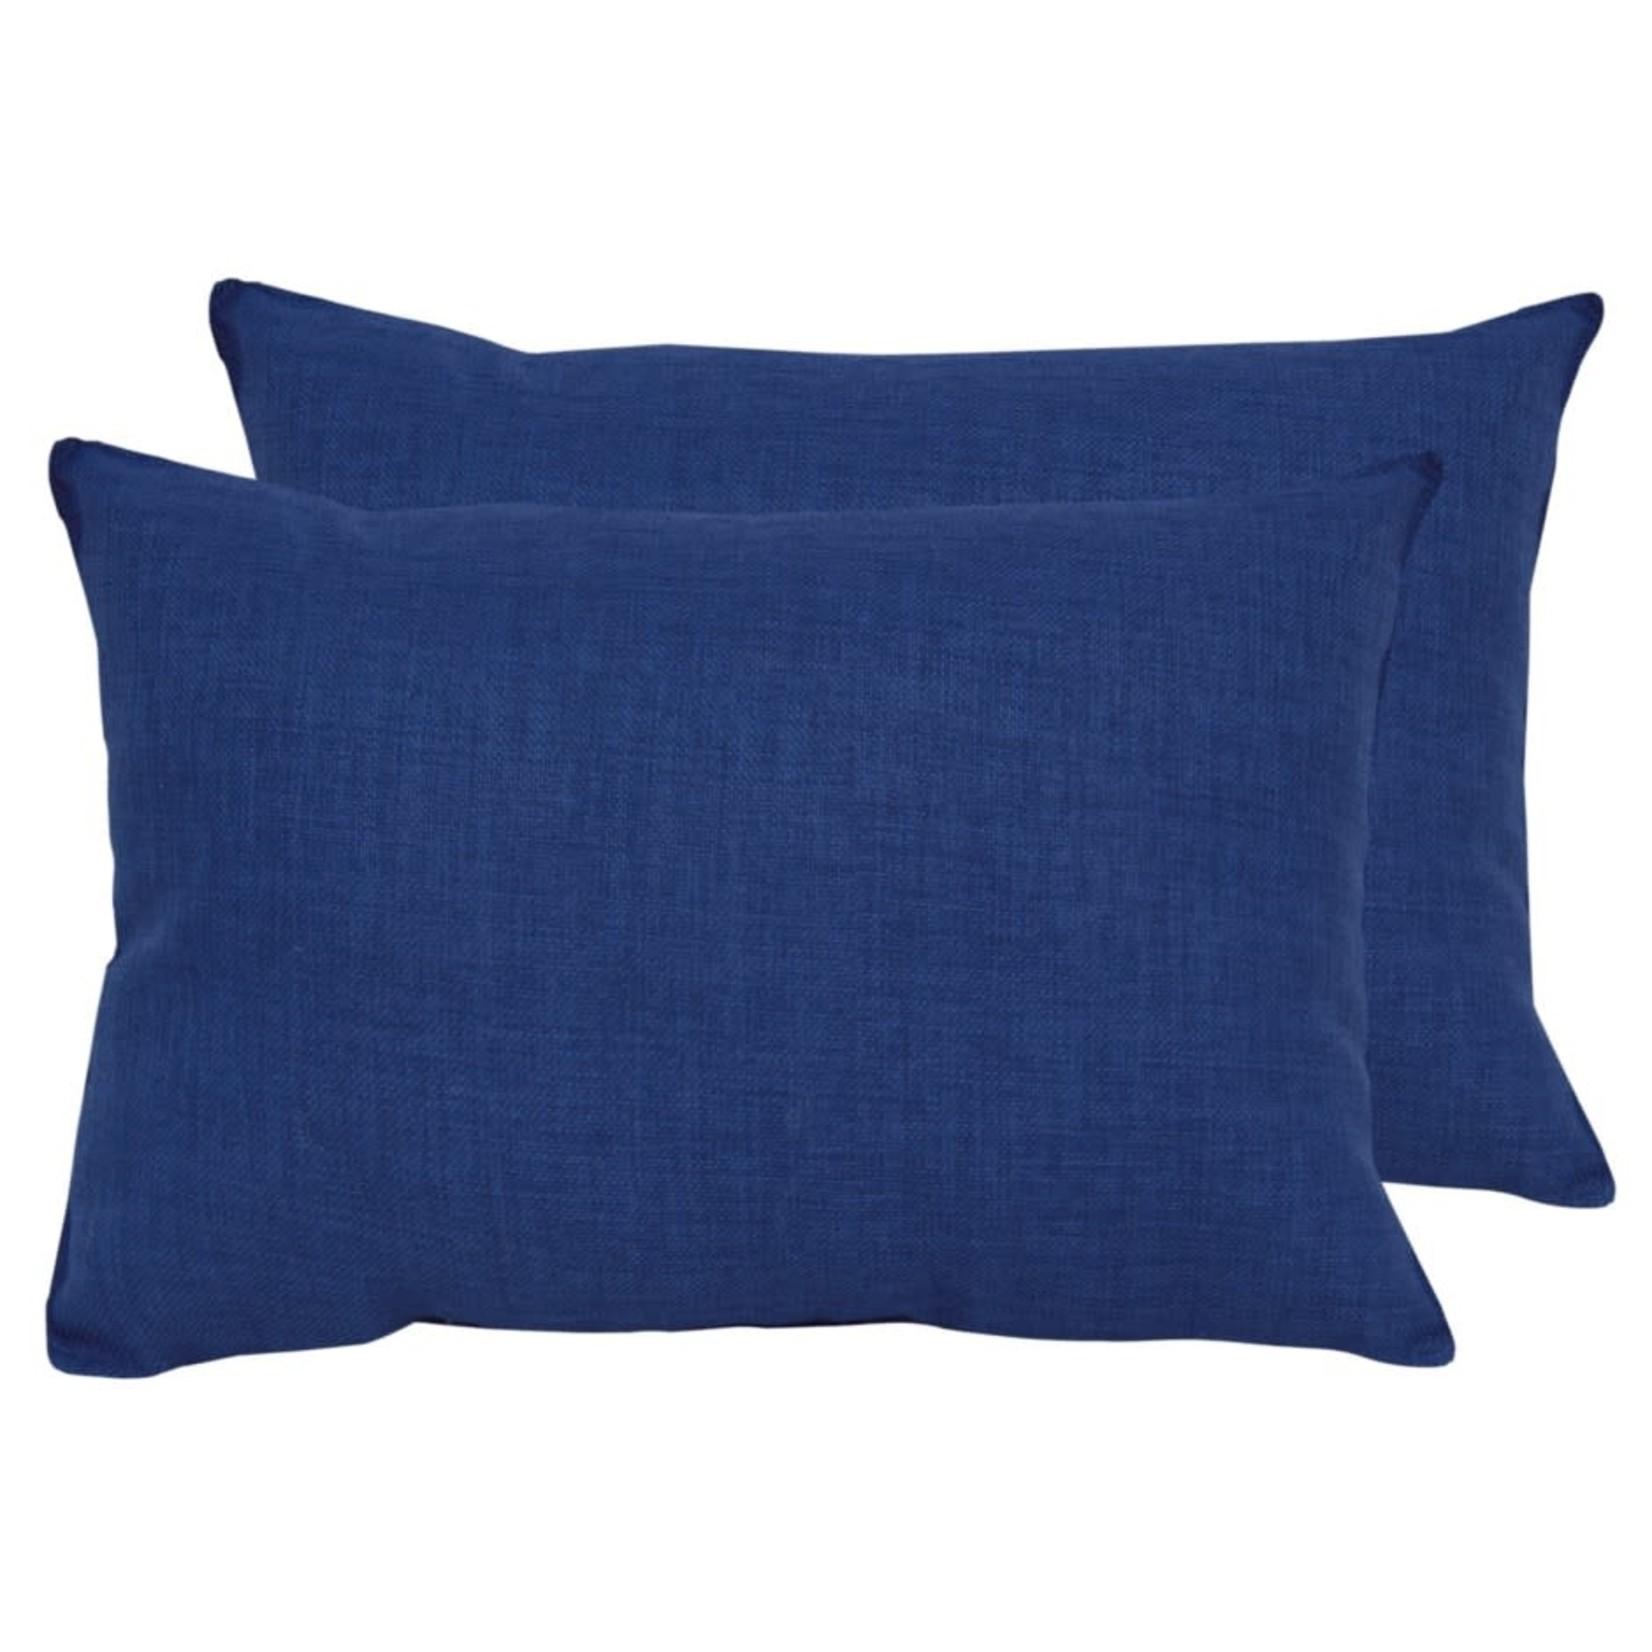 Royal Blue Outdoor Lumbar Pillow